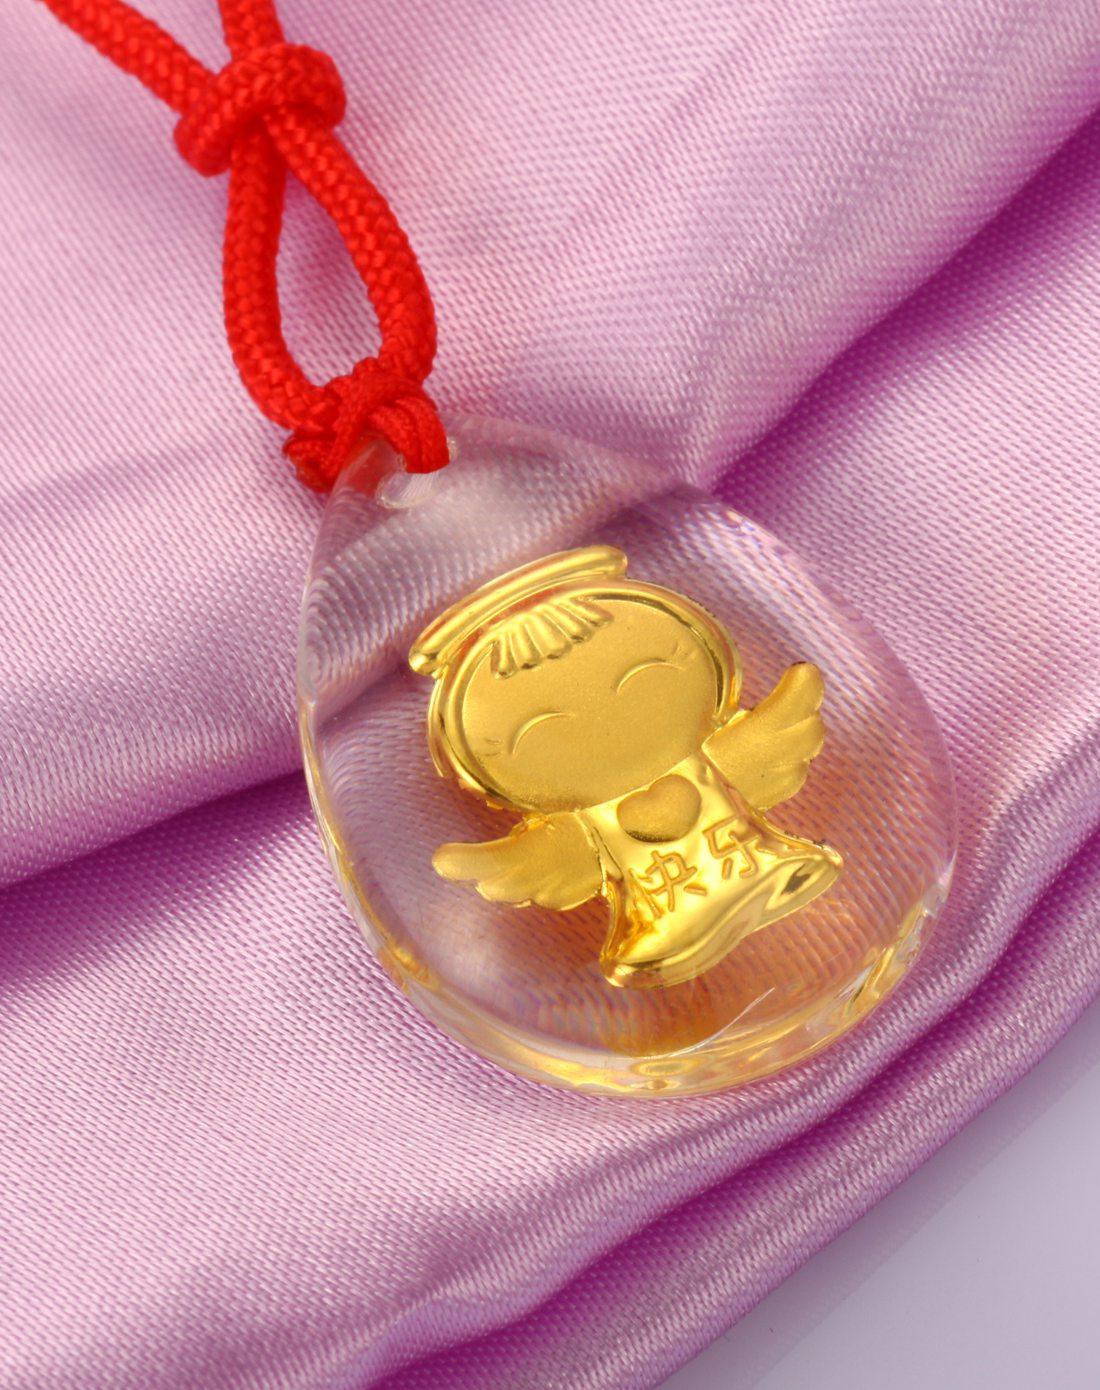 (无定价不上线)千足金镶嵌水晶吊坠 快乐天使宝贝